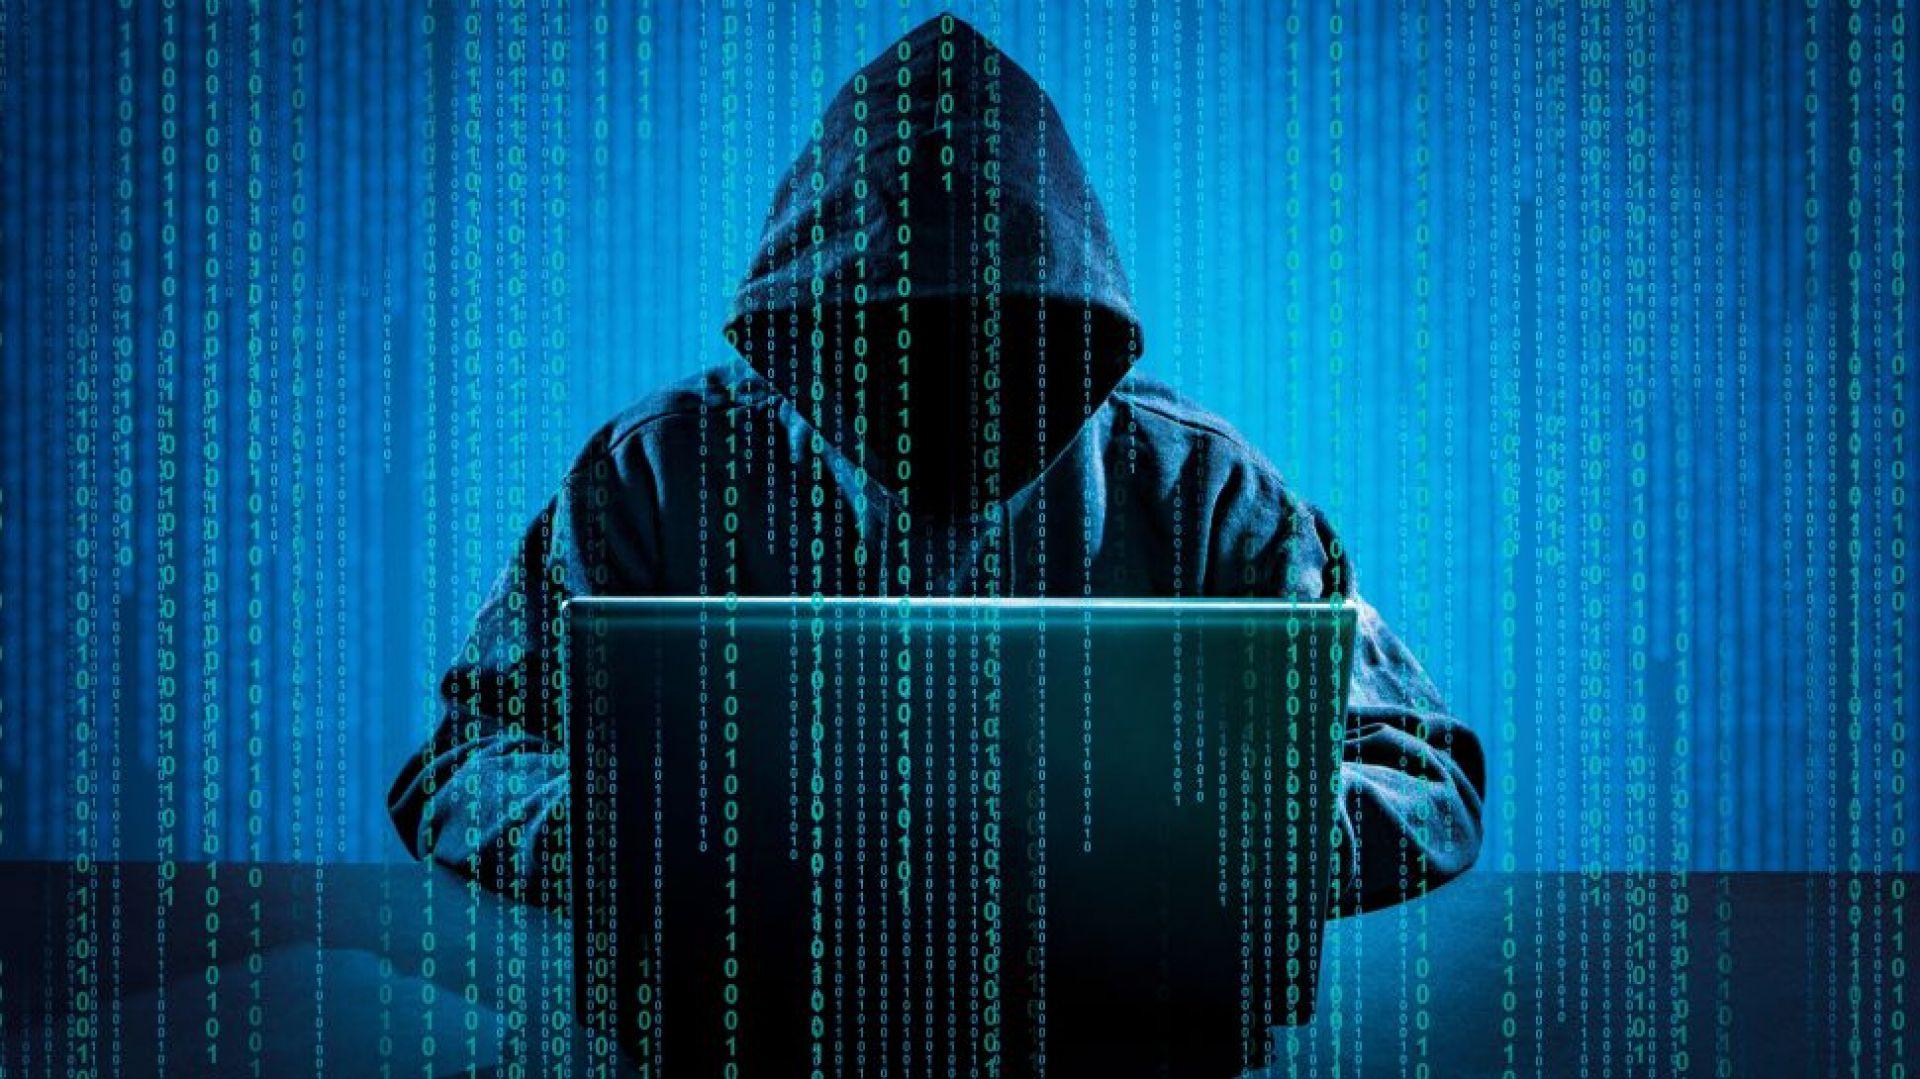 Policija upozorava građane: Ne odgovarajte na sumnjive poruke elektroničke pošte